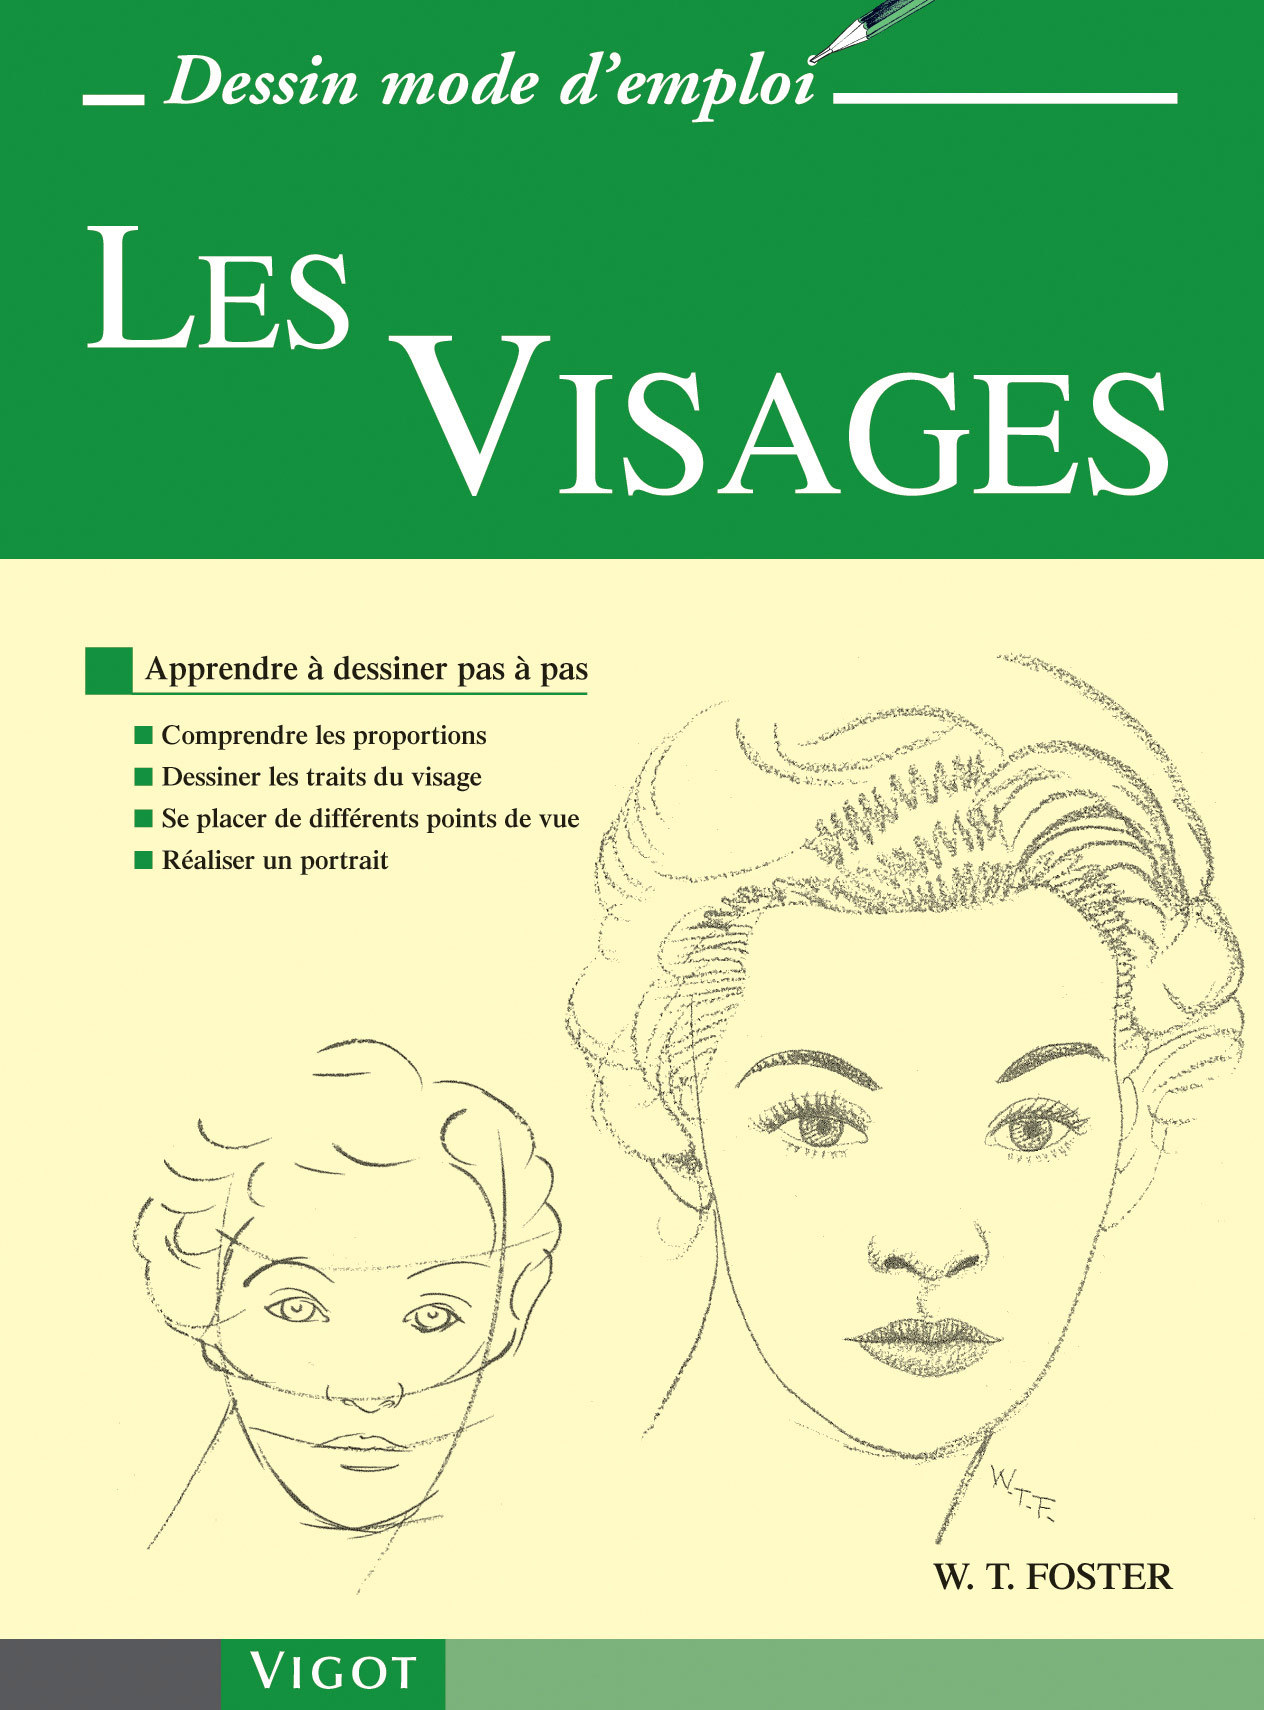 LES VISAGES - APPRENDRE A DESSINER PAS A PAS : COMPRENDRE LES PROPORTIONS, DESSINER LES TRAITS DU VI